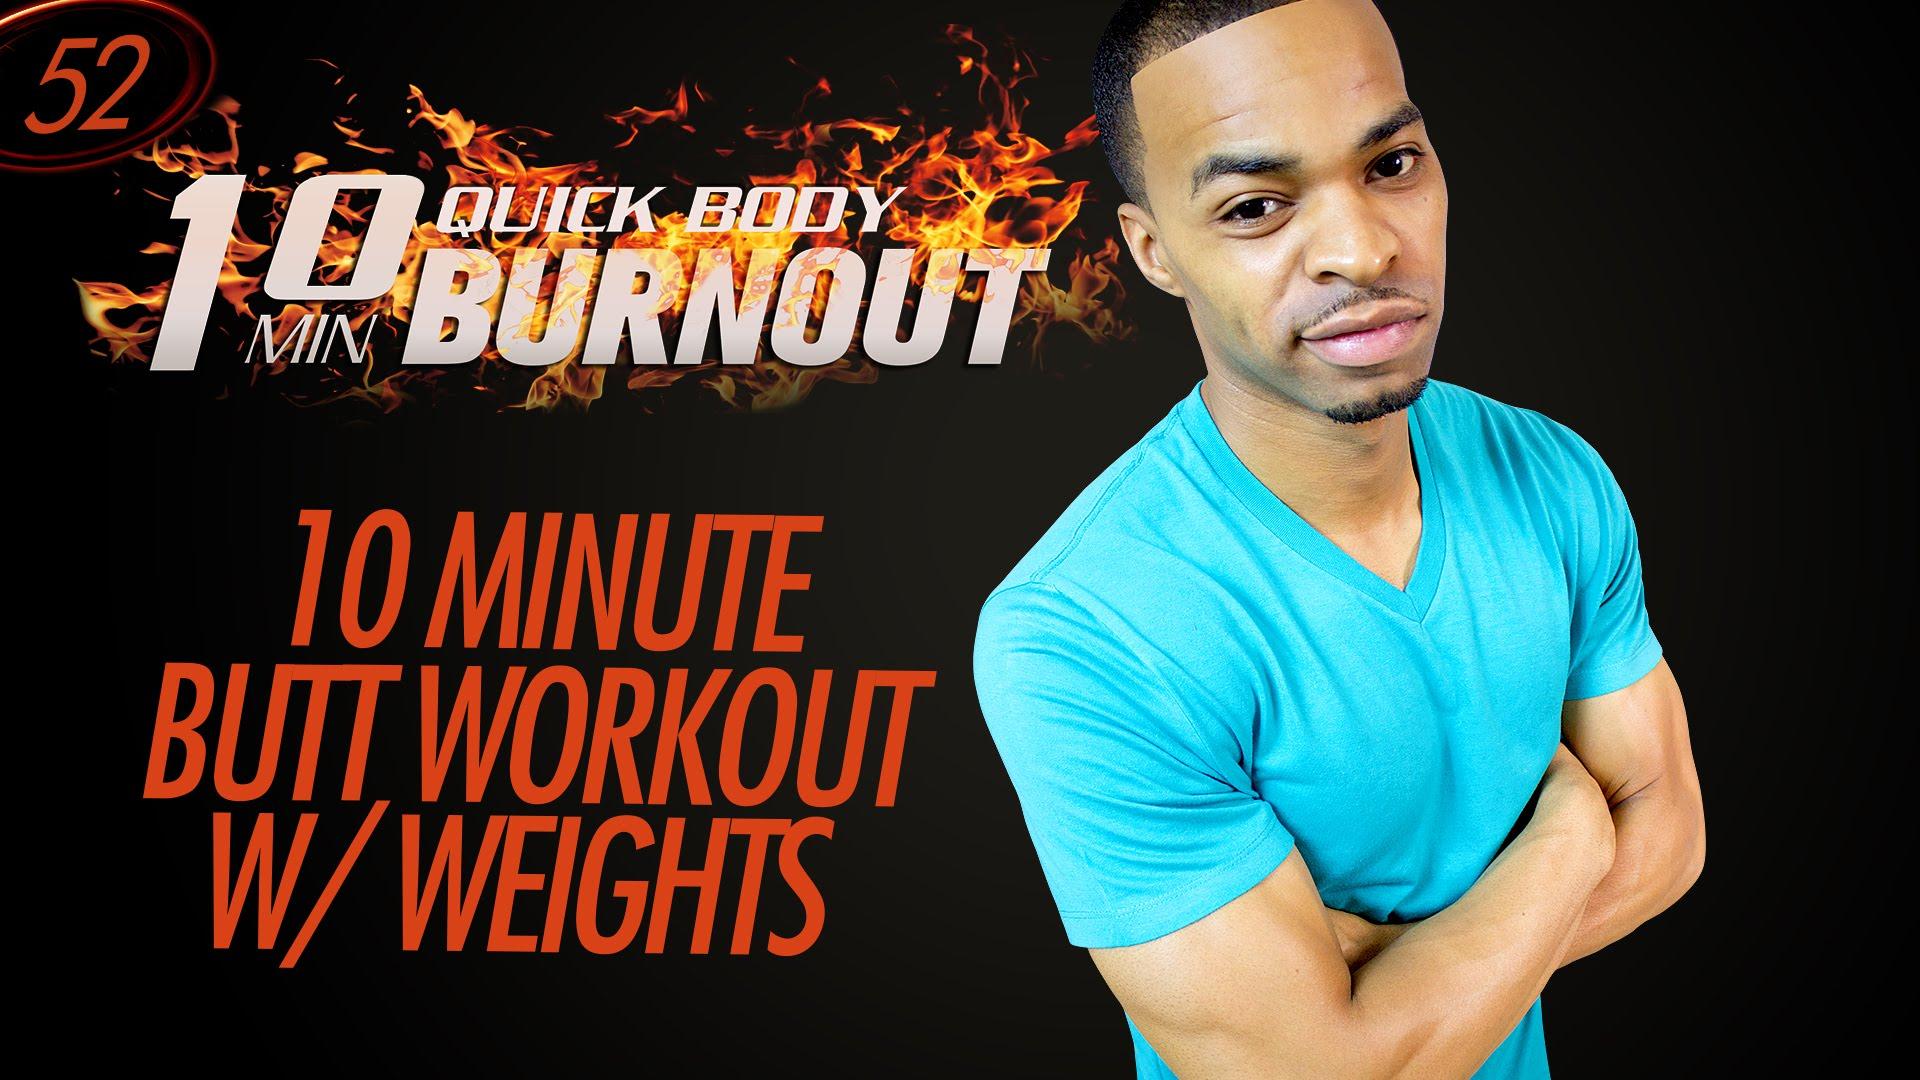 Workout Tips Video 10 Min Mat Butt Workout W